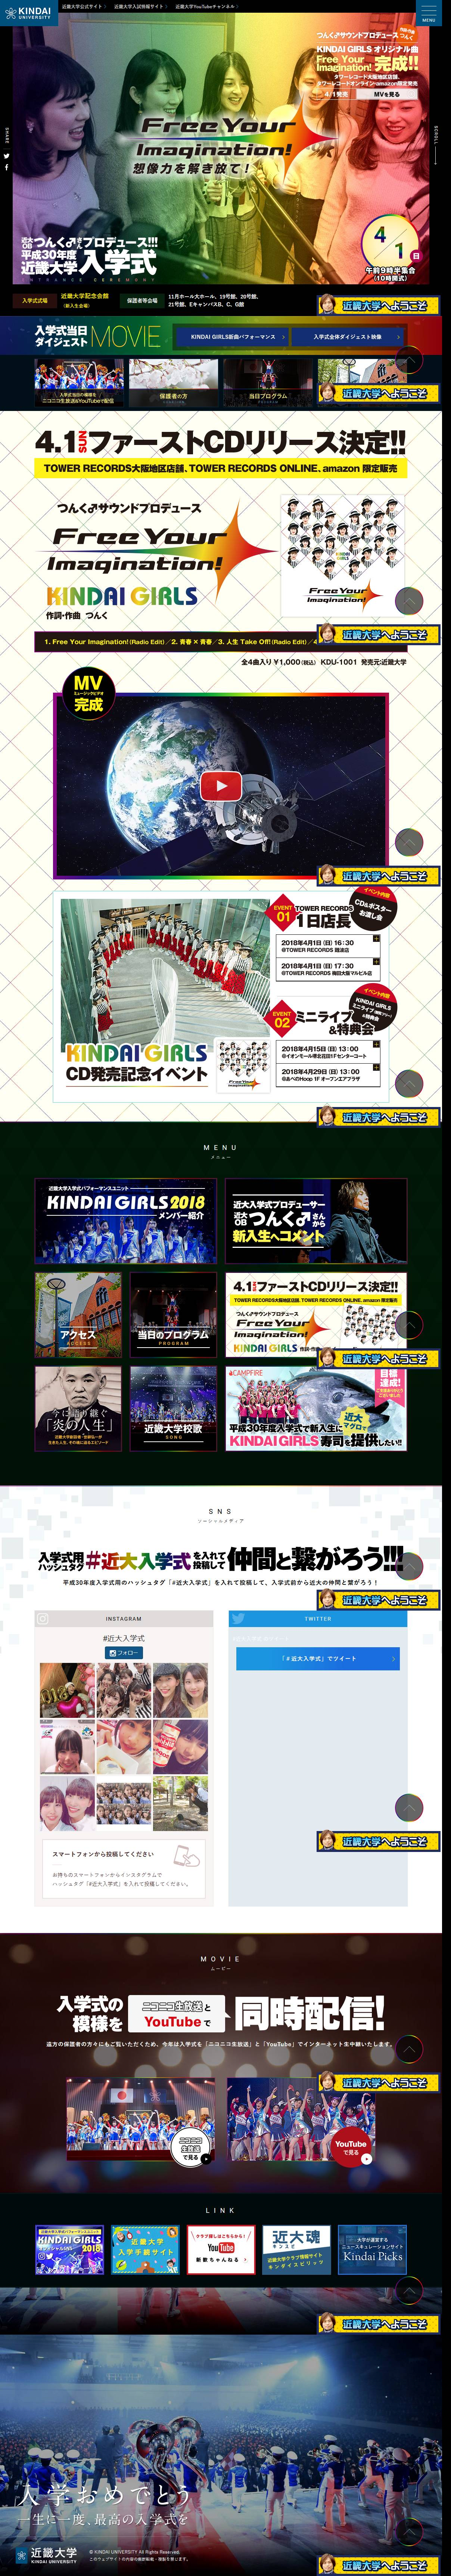 平成30年度近畿大学入学式ウェブサイト